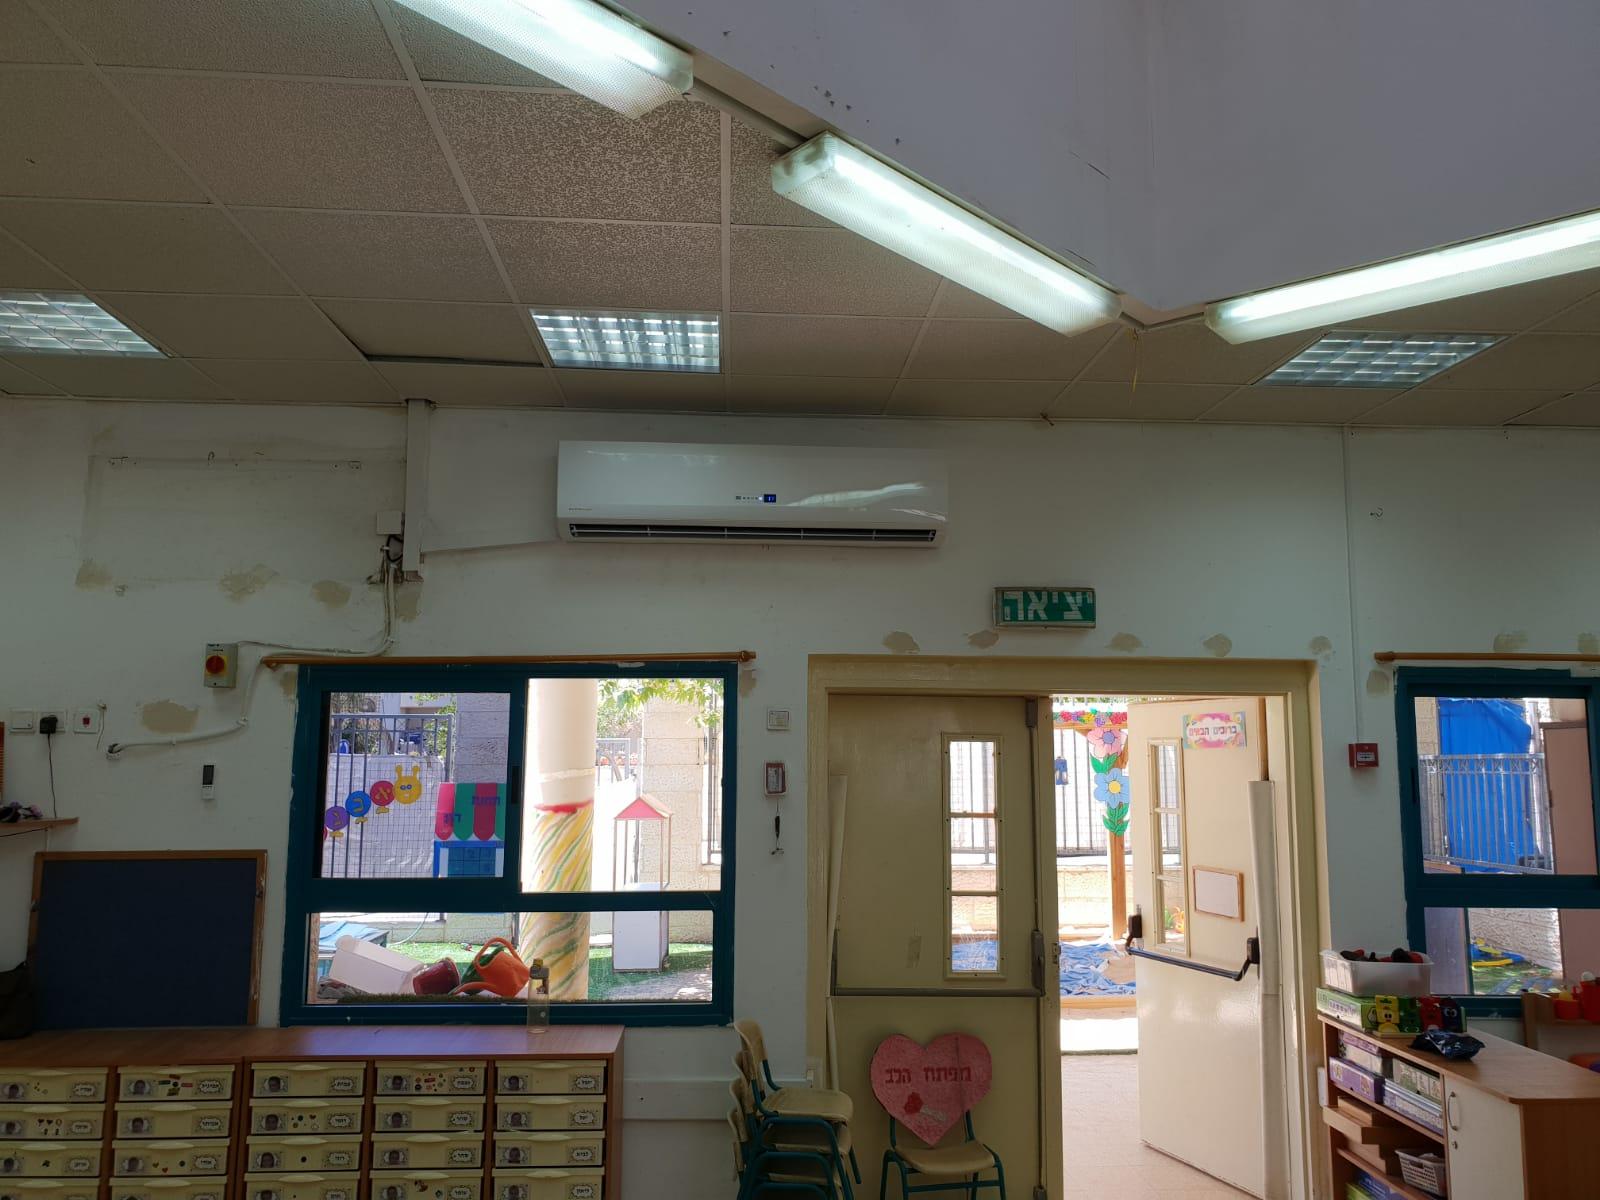 התקנת מזגנים חדשים בכיתות הלימוד במודיעין (צילום: דוברות עיריית מודיעין מכבים רעות)